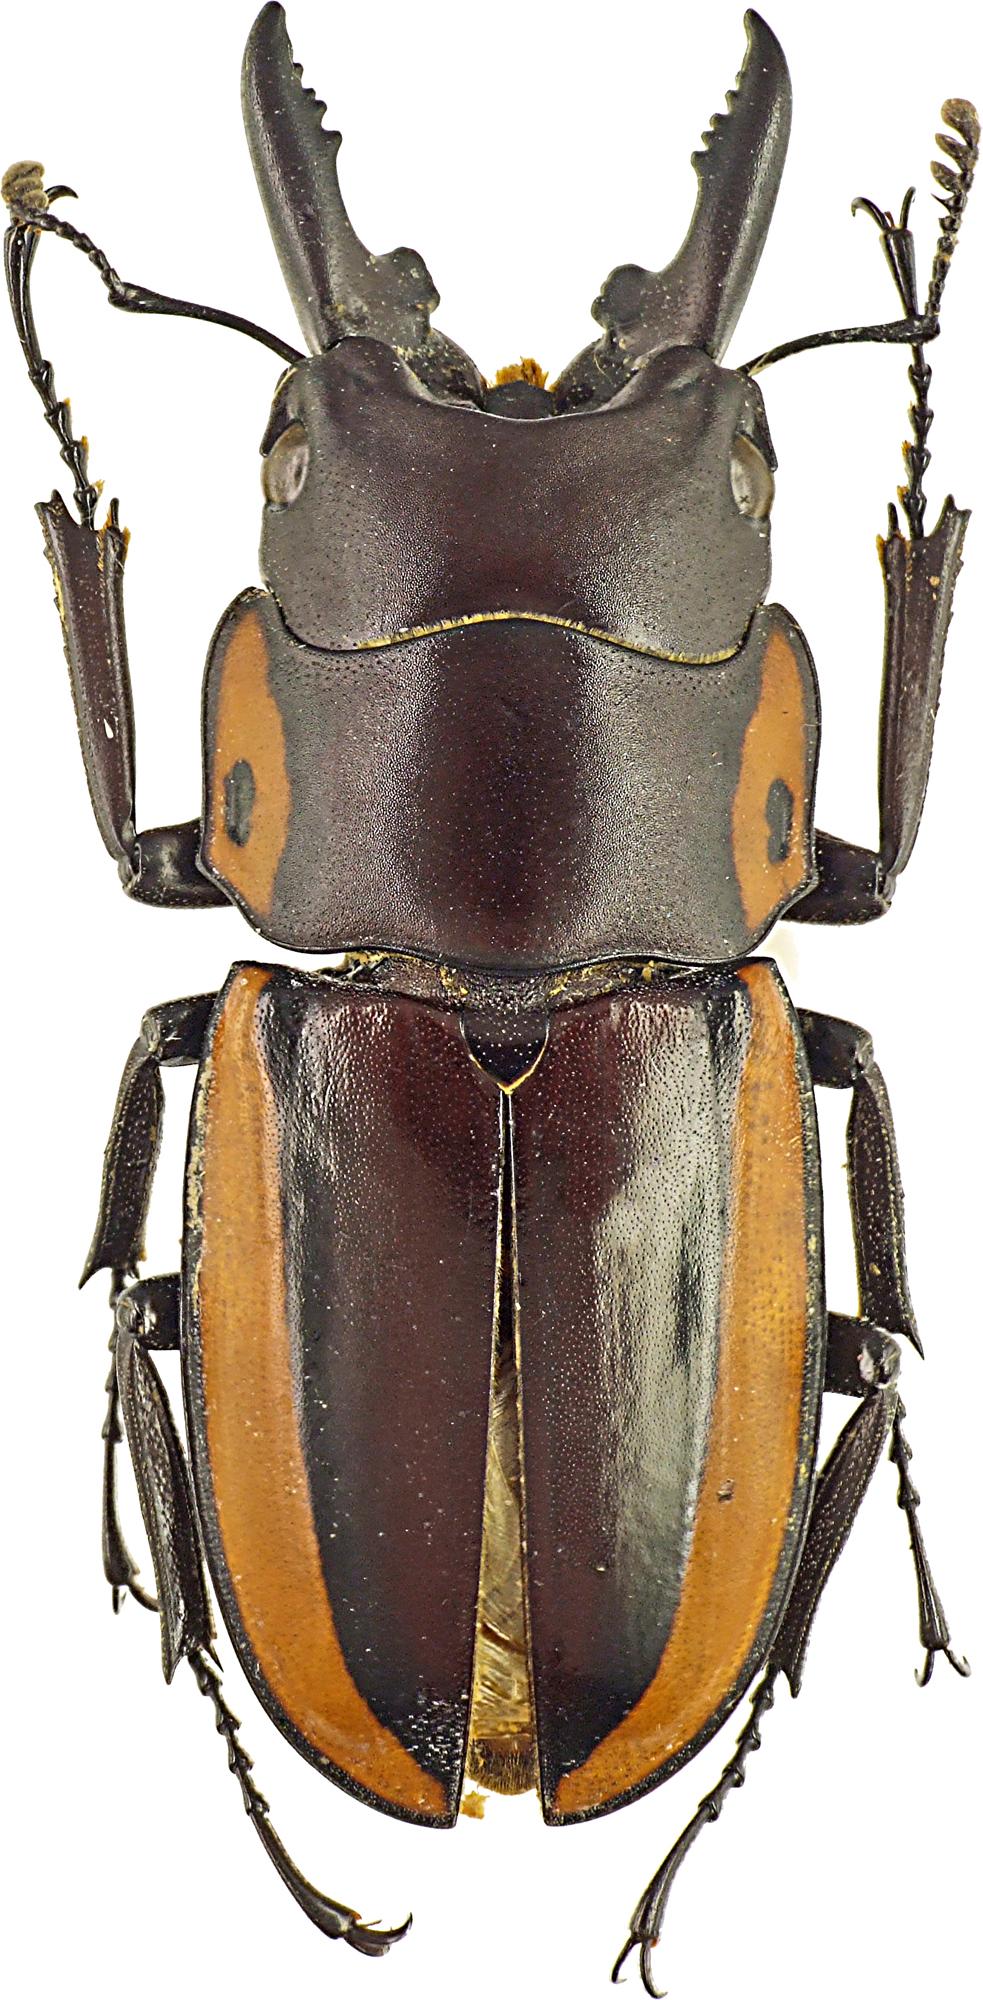 Prosopocoilus bison 43188cz90.jpg